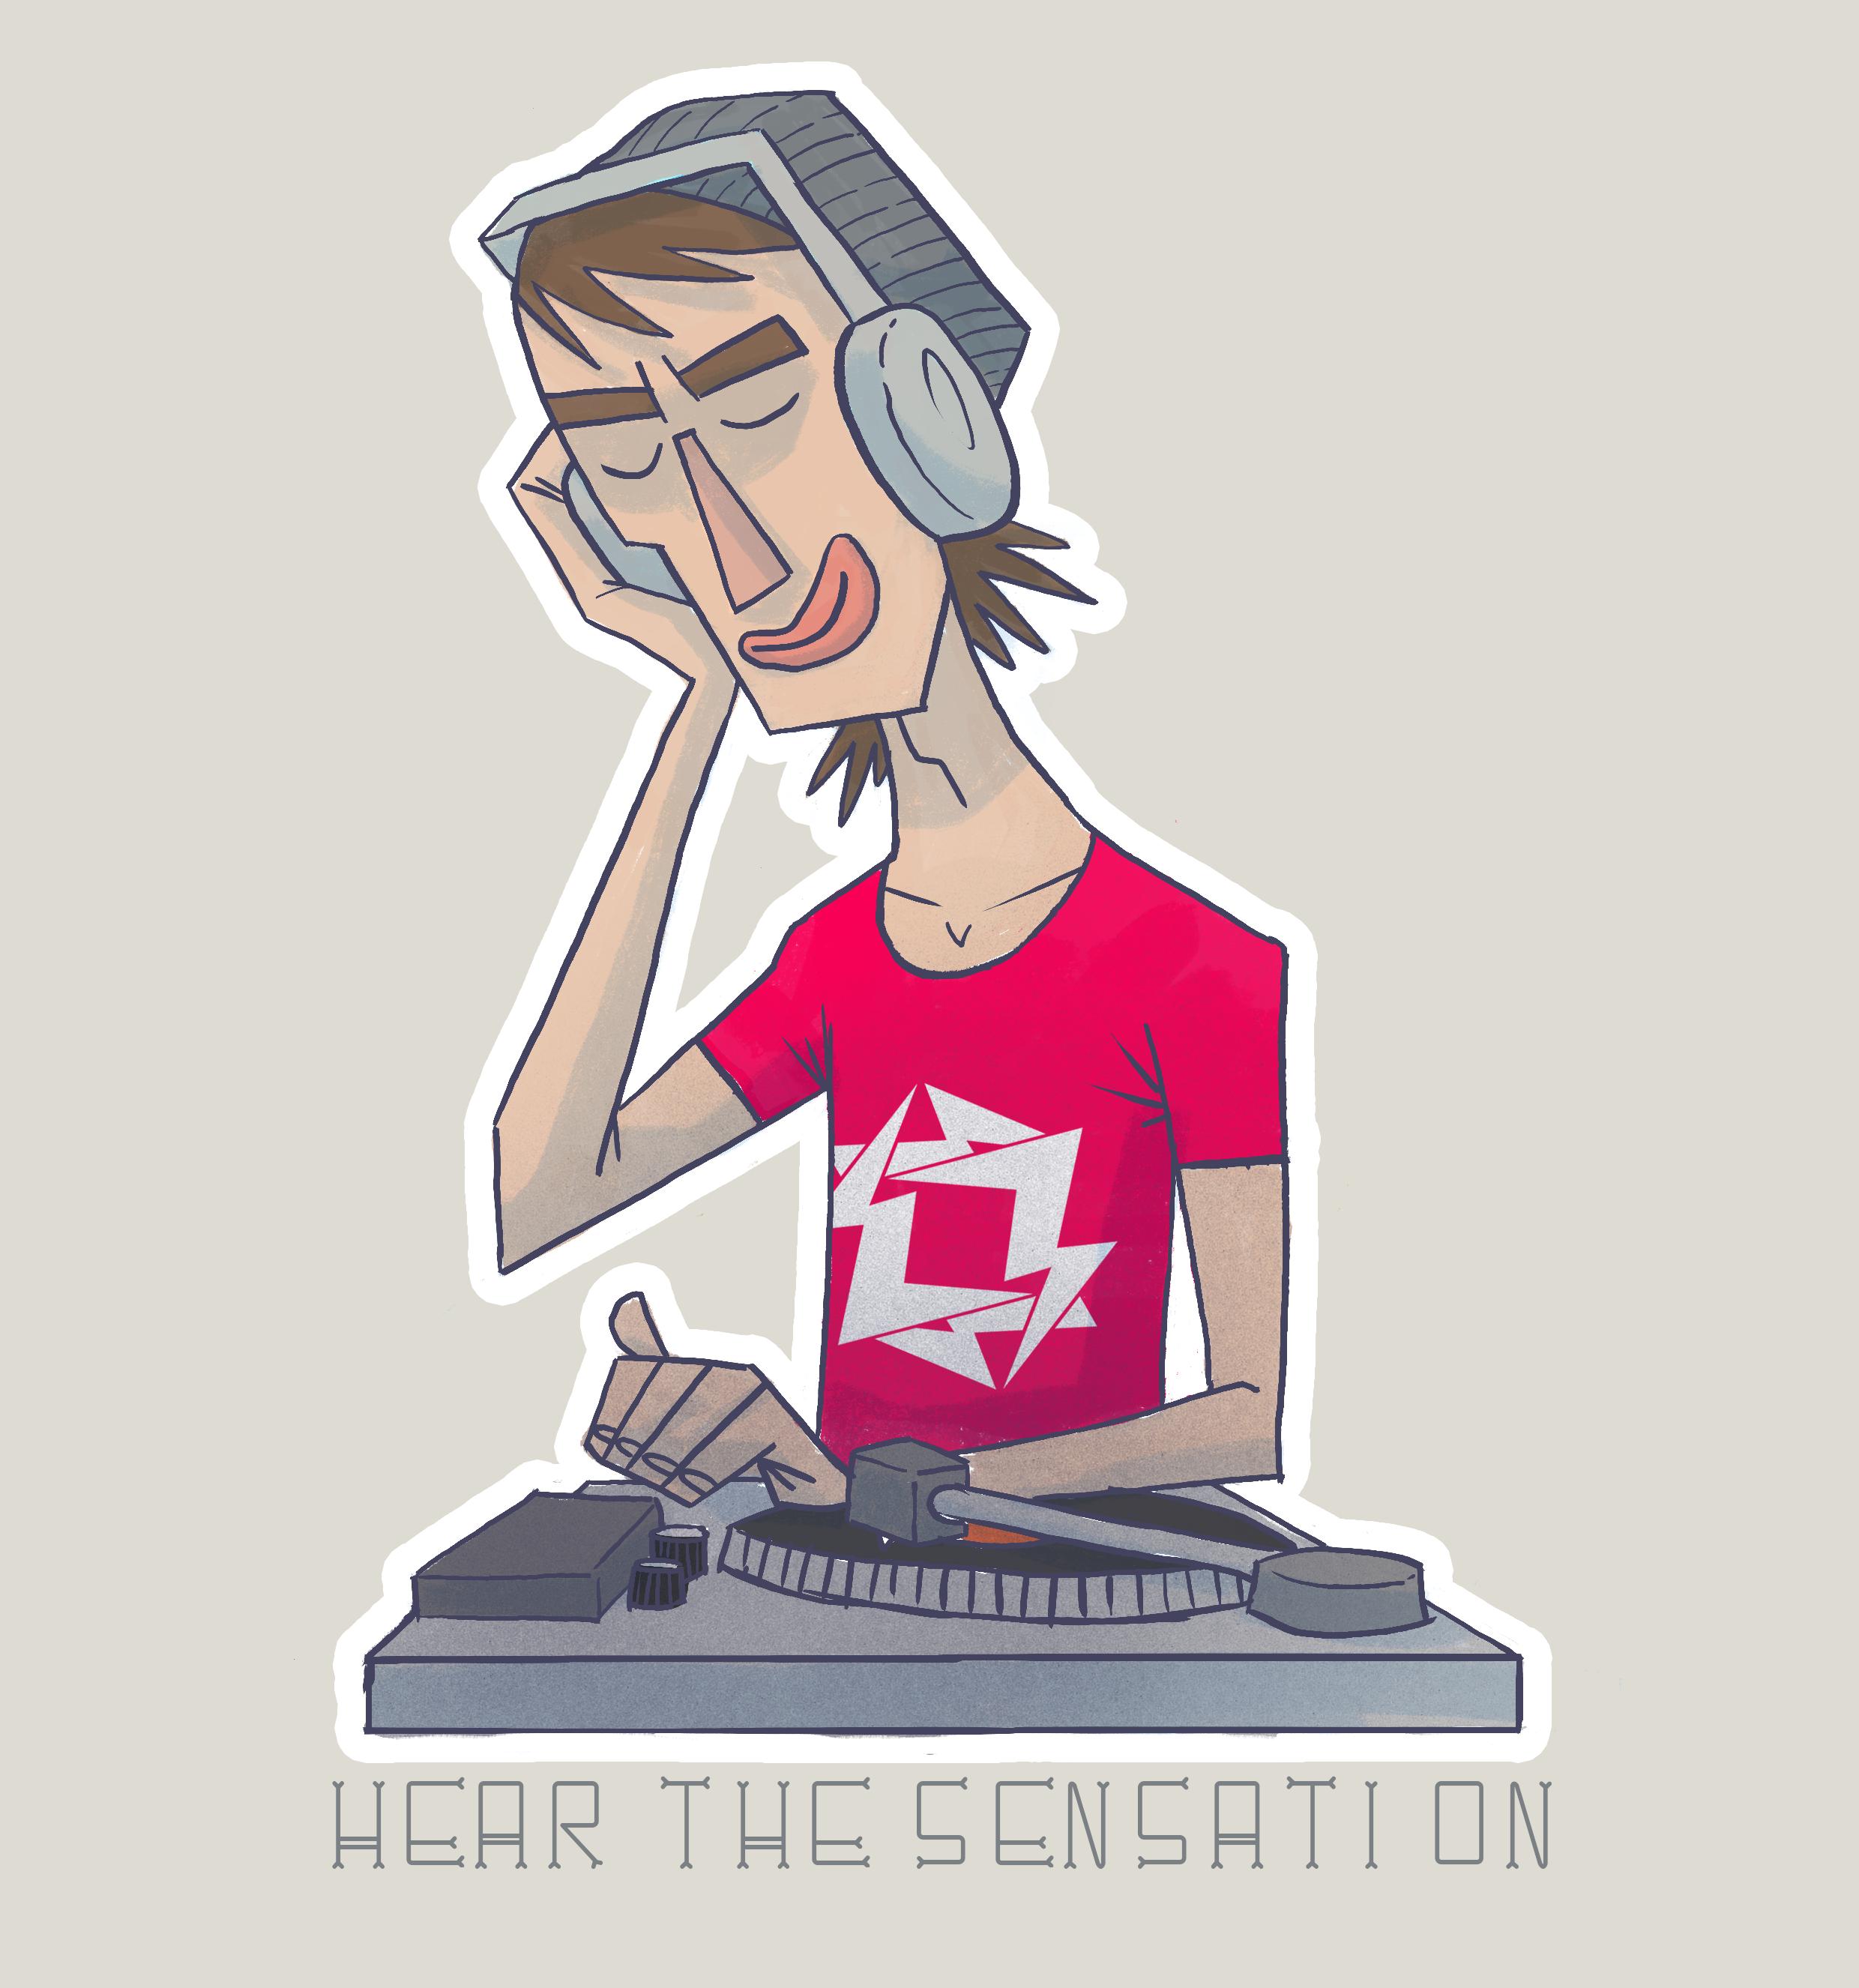 HearTheSensation